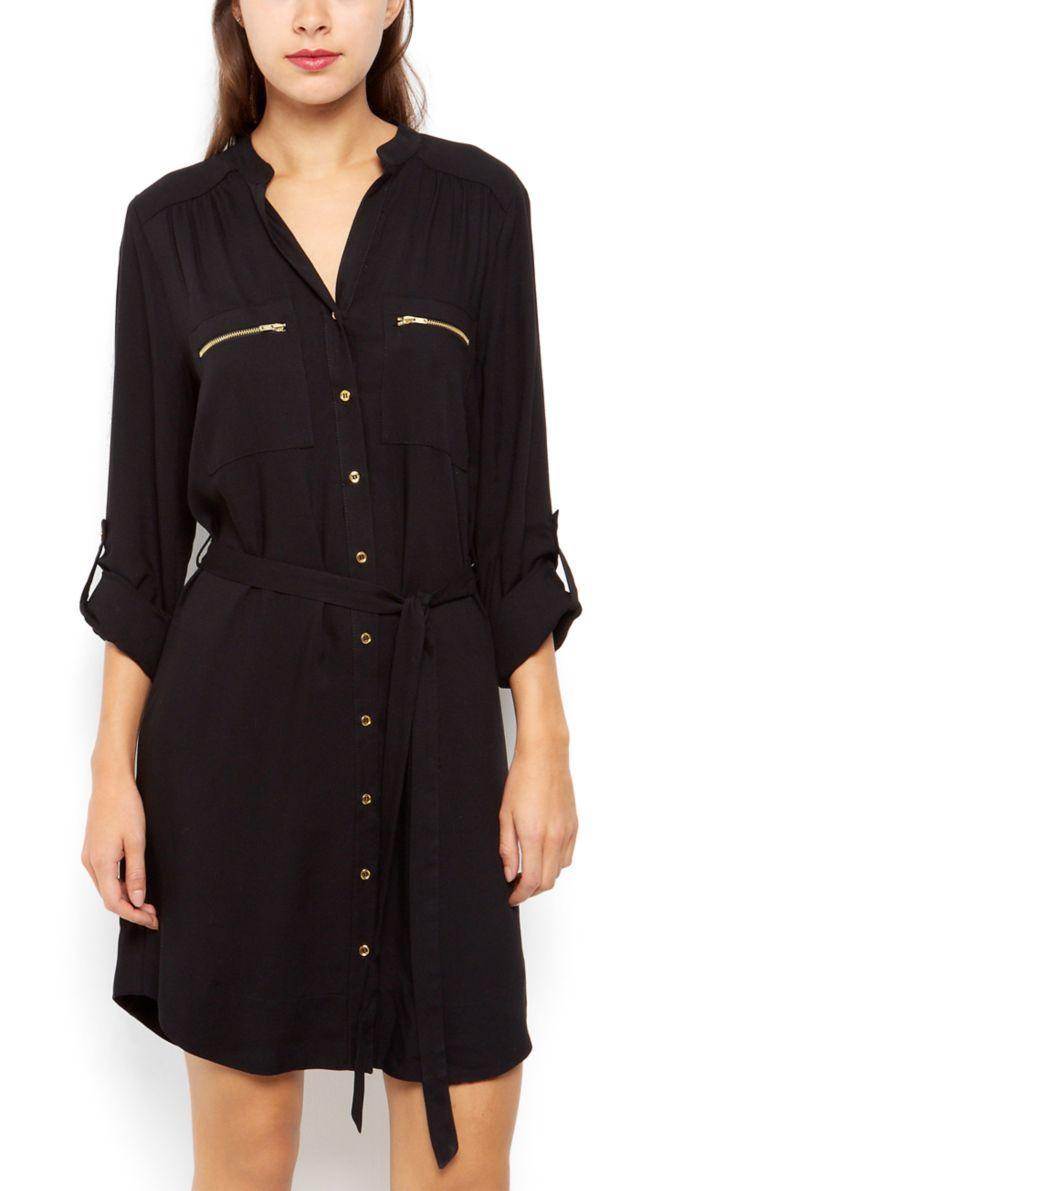 Robe chemise noire avec poche avant zippée et liens à nouer à la taille    New Look 52f0de8c3df2